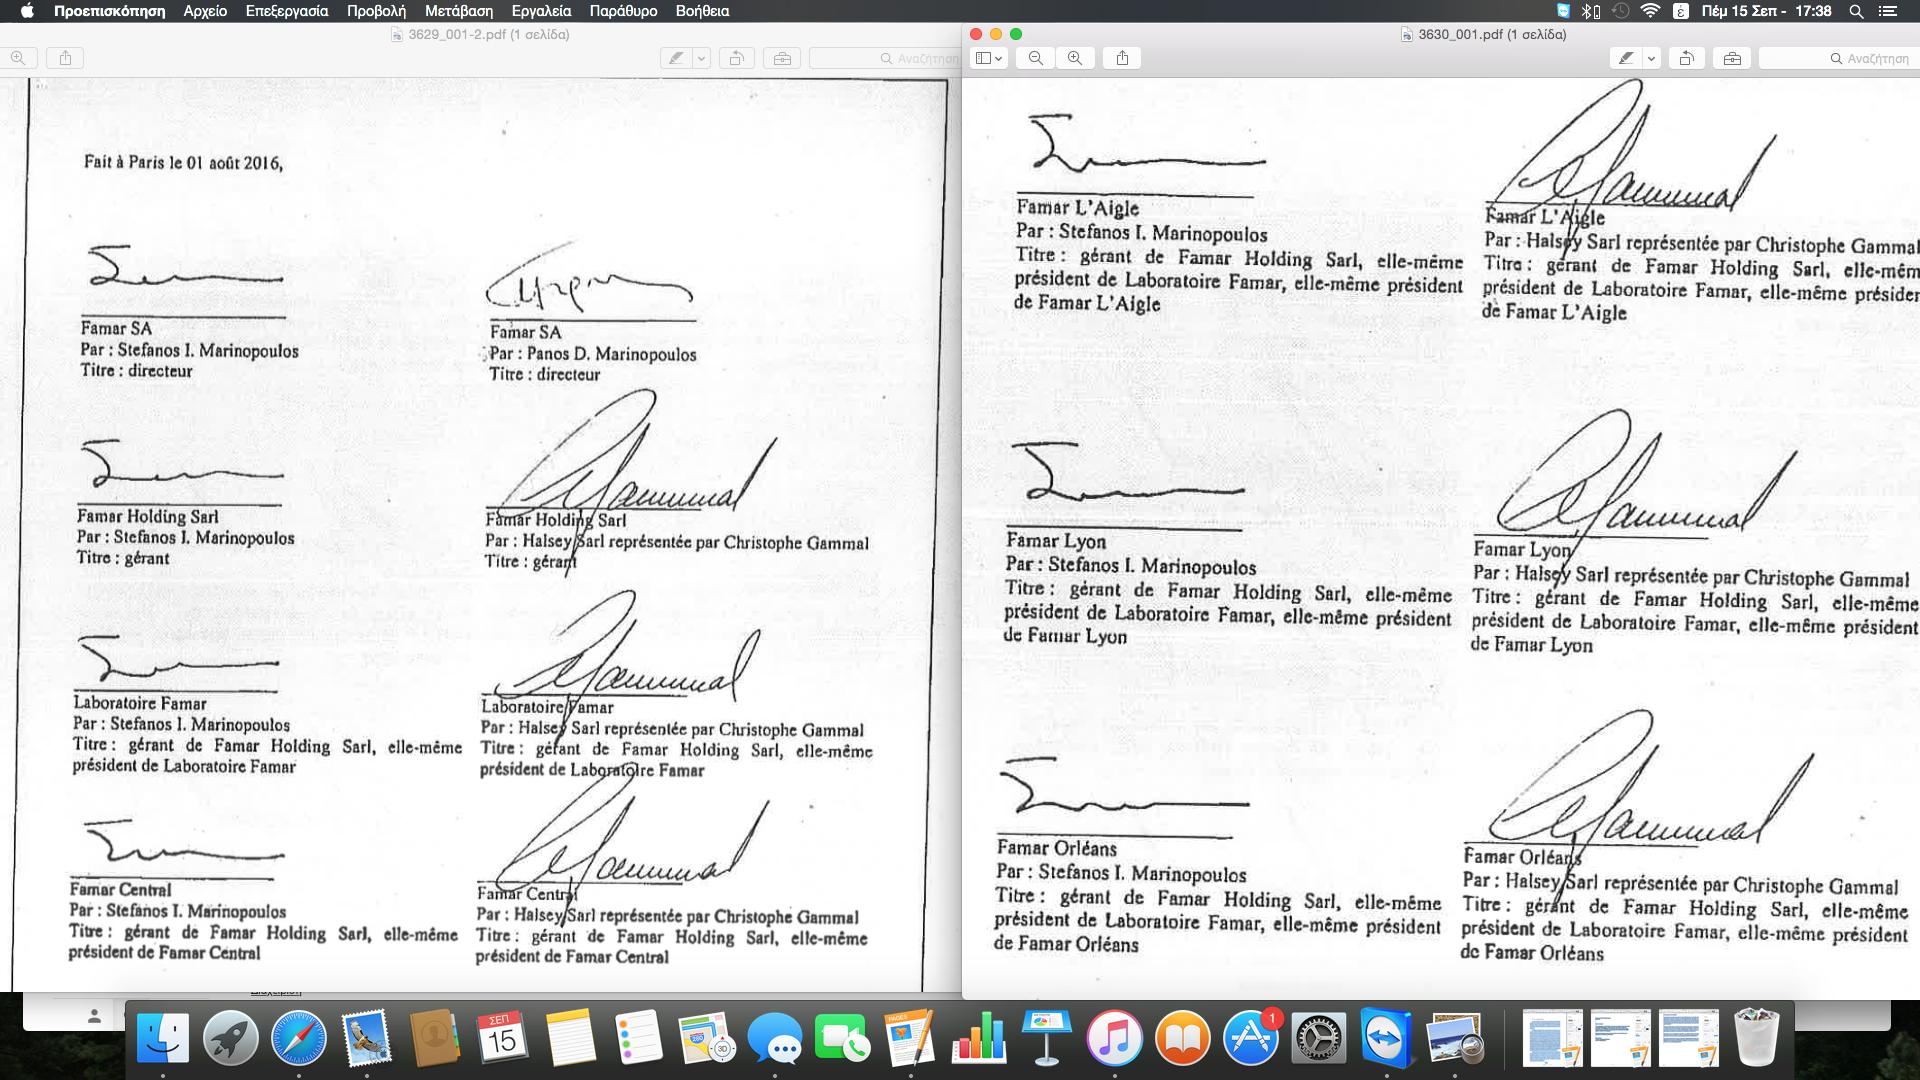 Οι υπογραφές της οικογένειας των κ. Στέφανου και Πάνου Μαρινὀπουλου